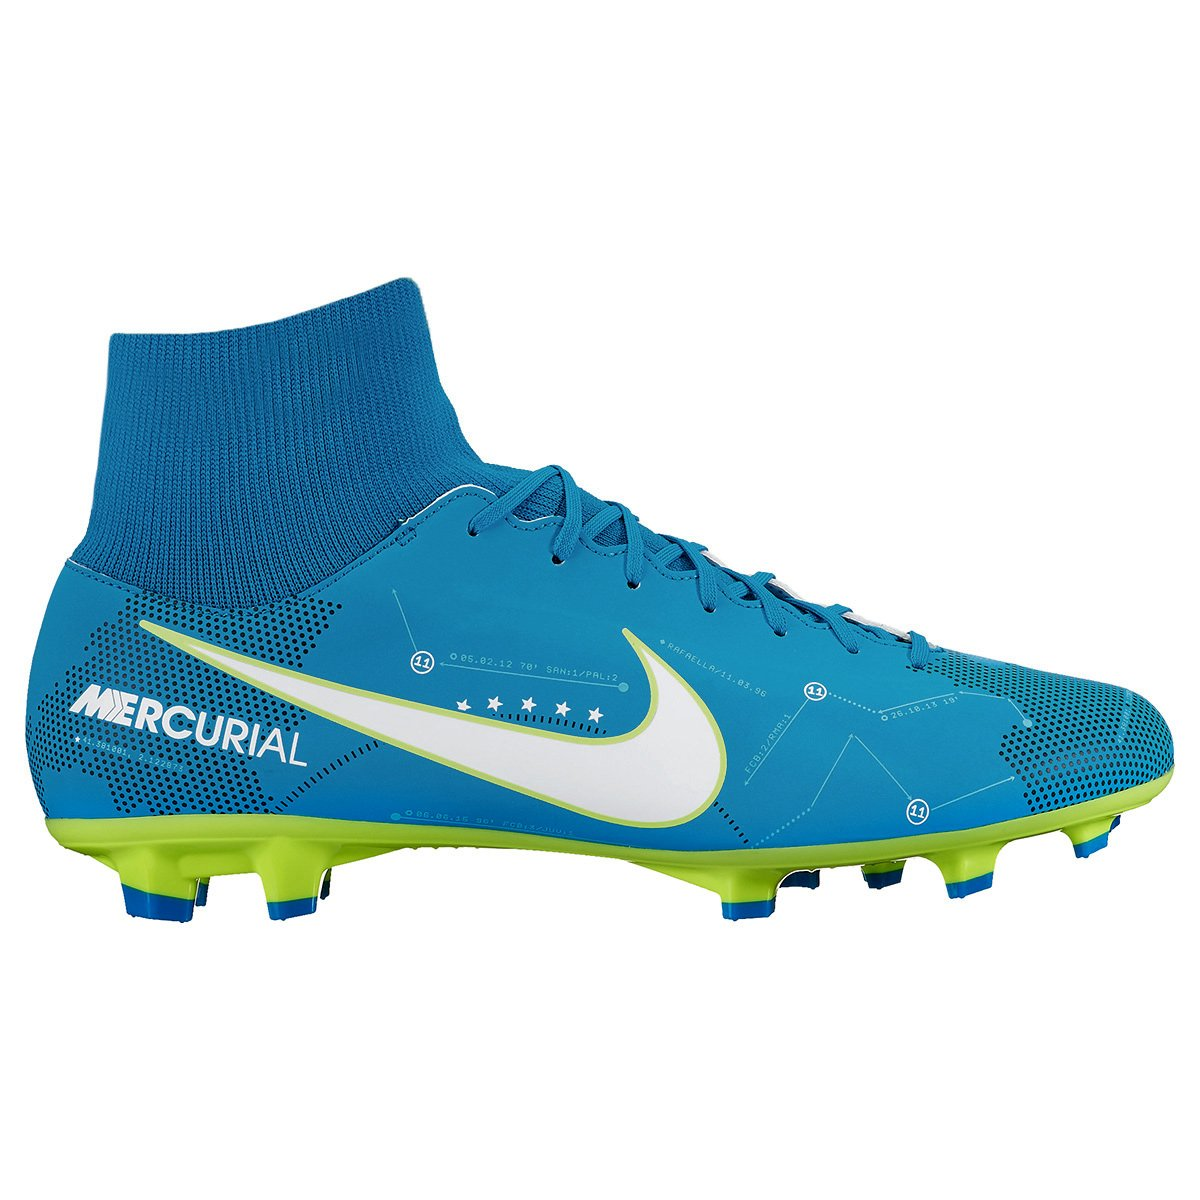 192cf16d1 Chuteira Campo Nike Mercurial Victory 6 DF Neymar Jr FG - Compre Agora